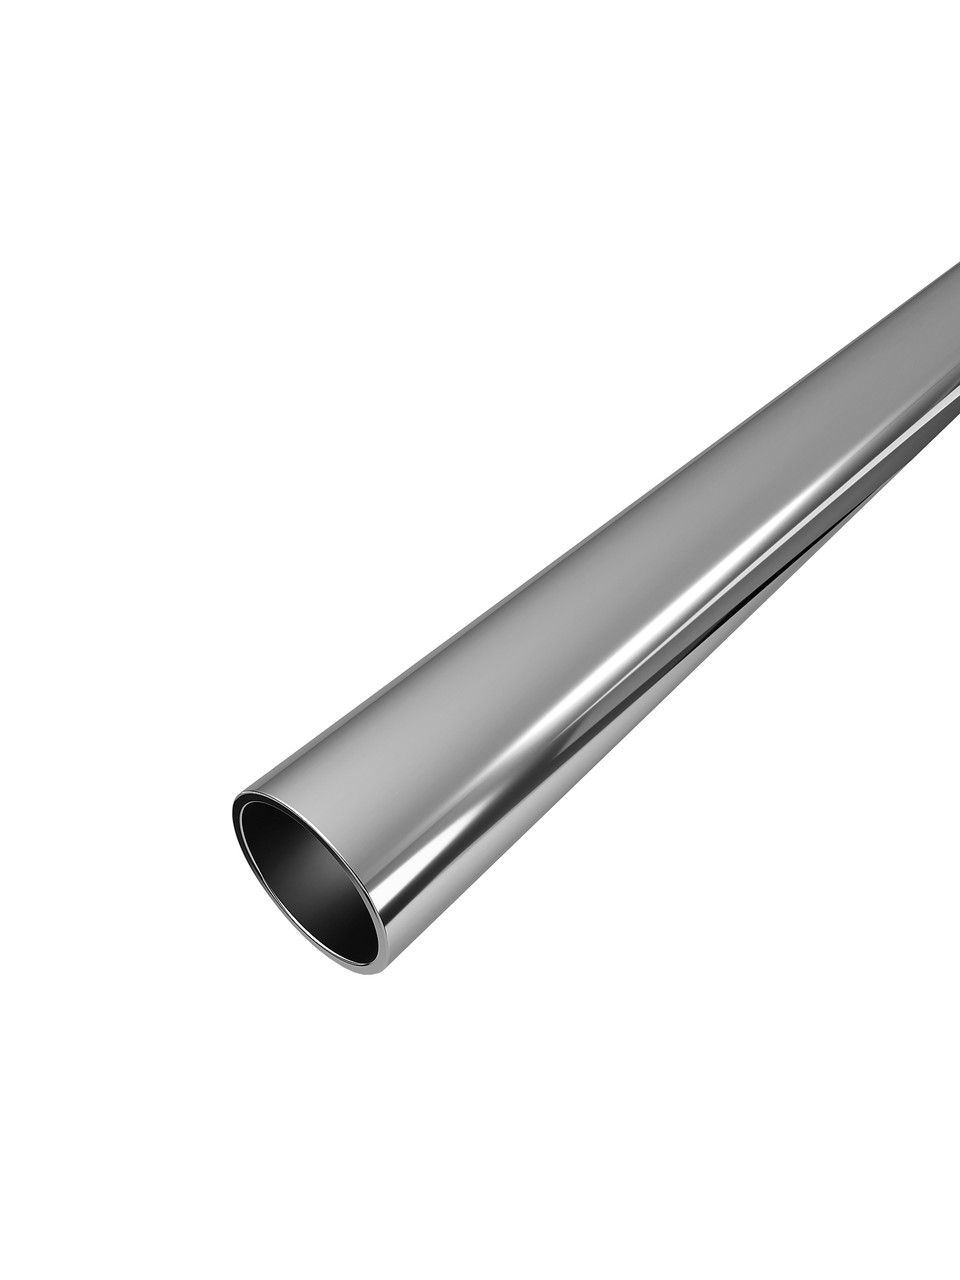 ODF-09-11-02-L3000 Штанга для душових кабін з нержавійки, довжиною 3000 мм,діаметром 16 мм, полірована